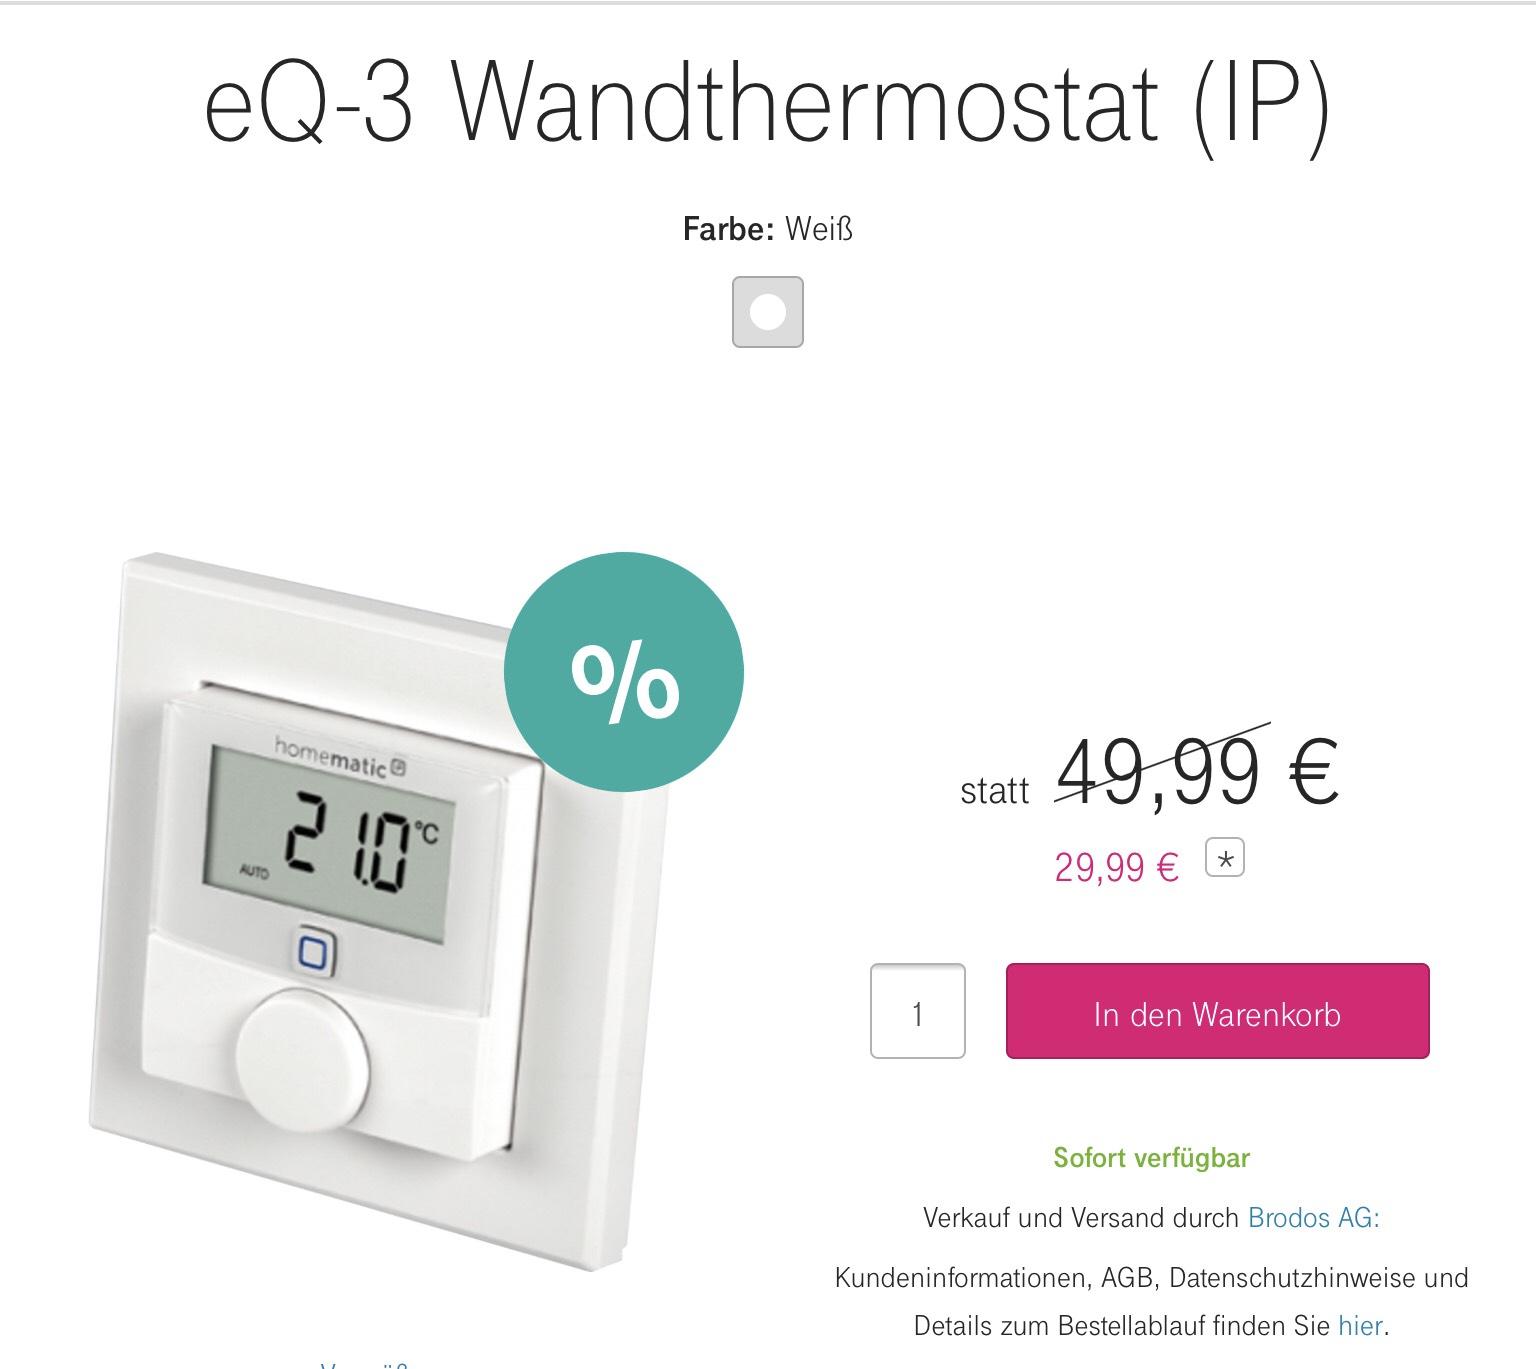 Telekom Shop Online Eq 3 Wandthermostat Ip Homematic Ip Hmip